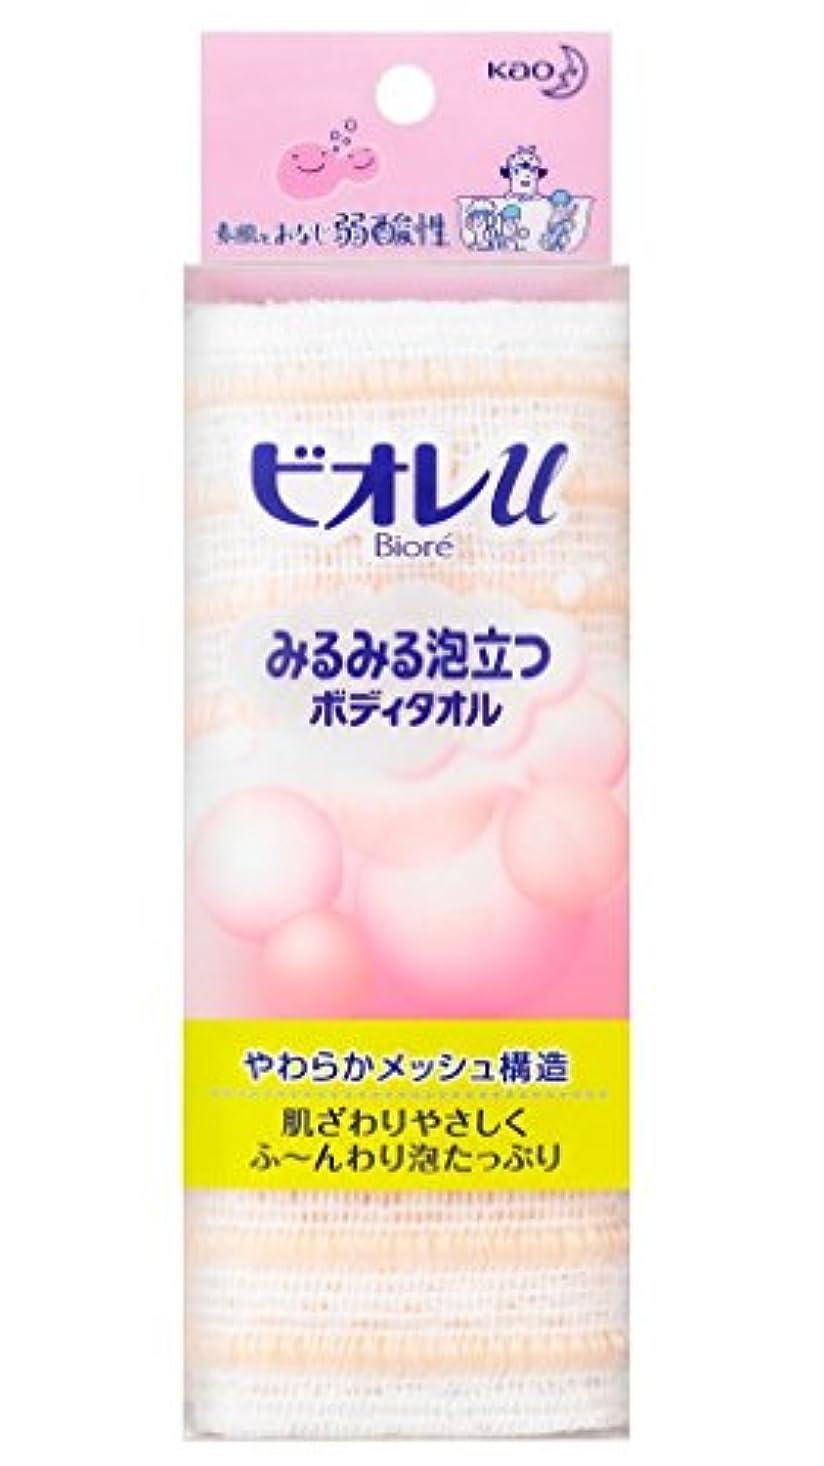 スポークスマンプレゼントスロット【花王】ビオレu みるみる泡立つボディタオル ピンク 1枚 ×10個セット